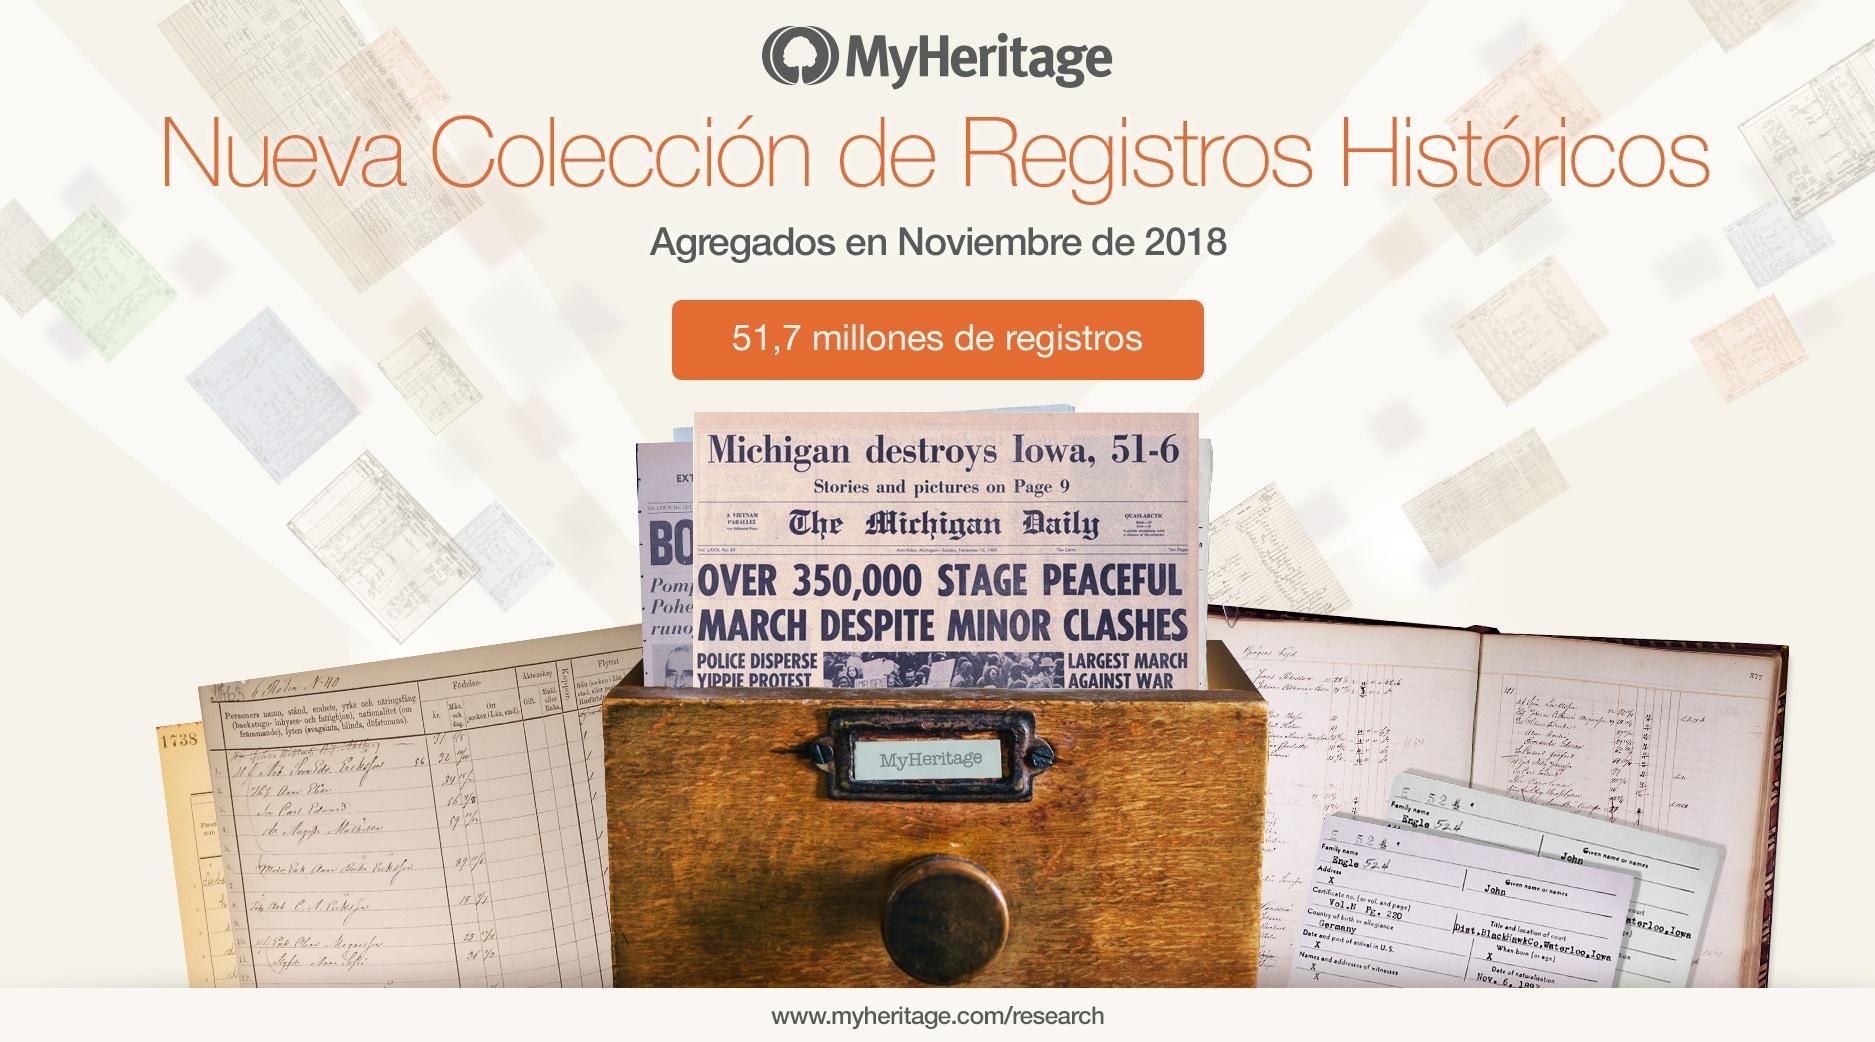 Nuevos Registros Históricos Añadidos en Noviembre de 2018